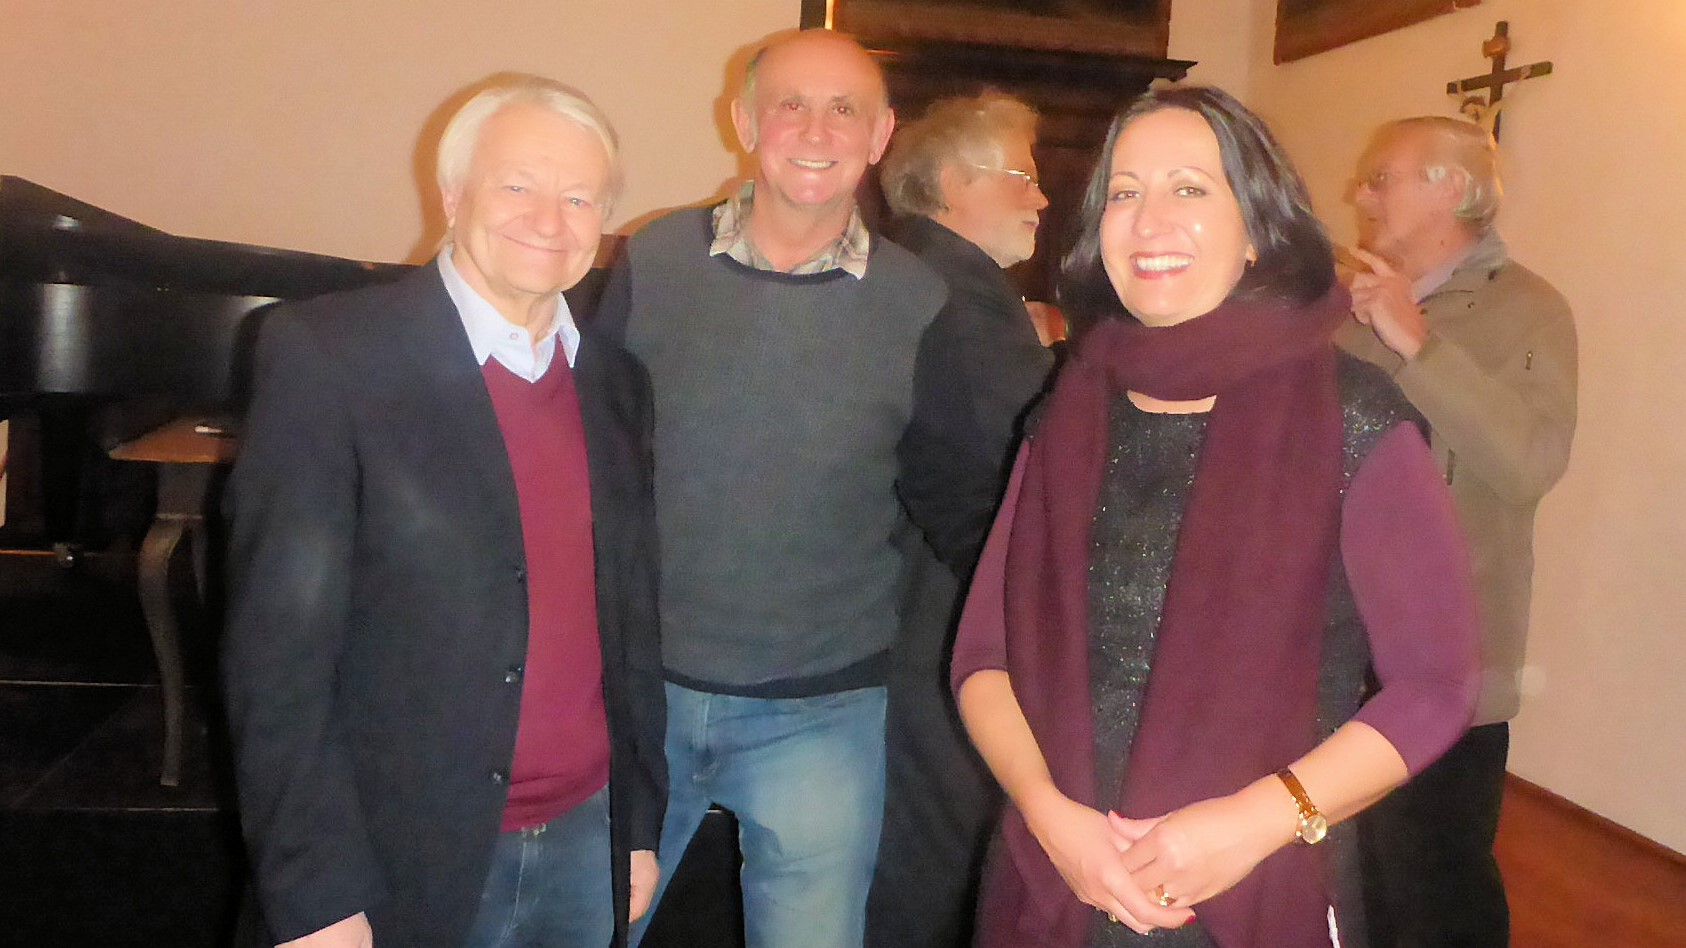 Manfred Schindlbauer, Norbert Leutner, Barbara Horejs ©Norbert Leutner